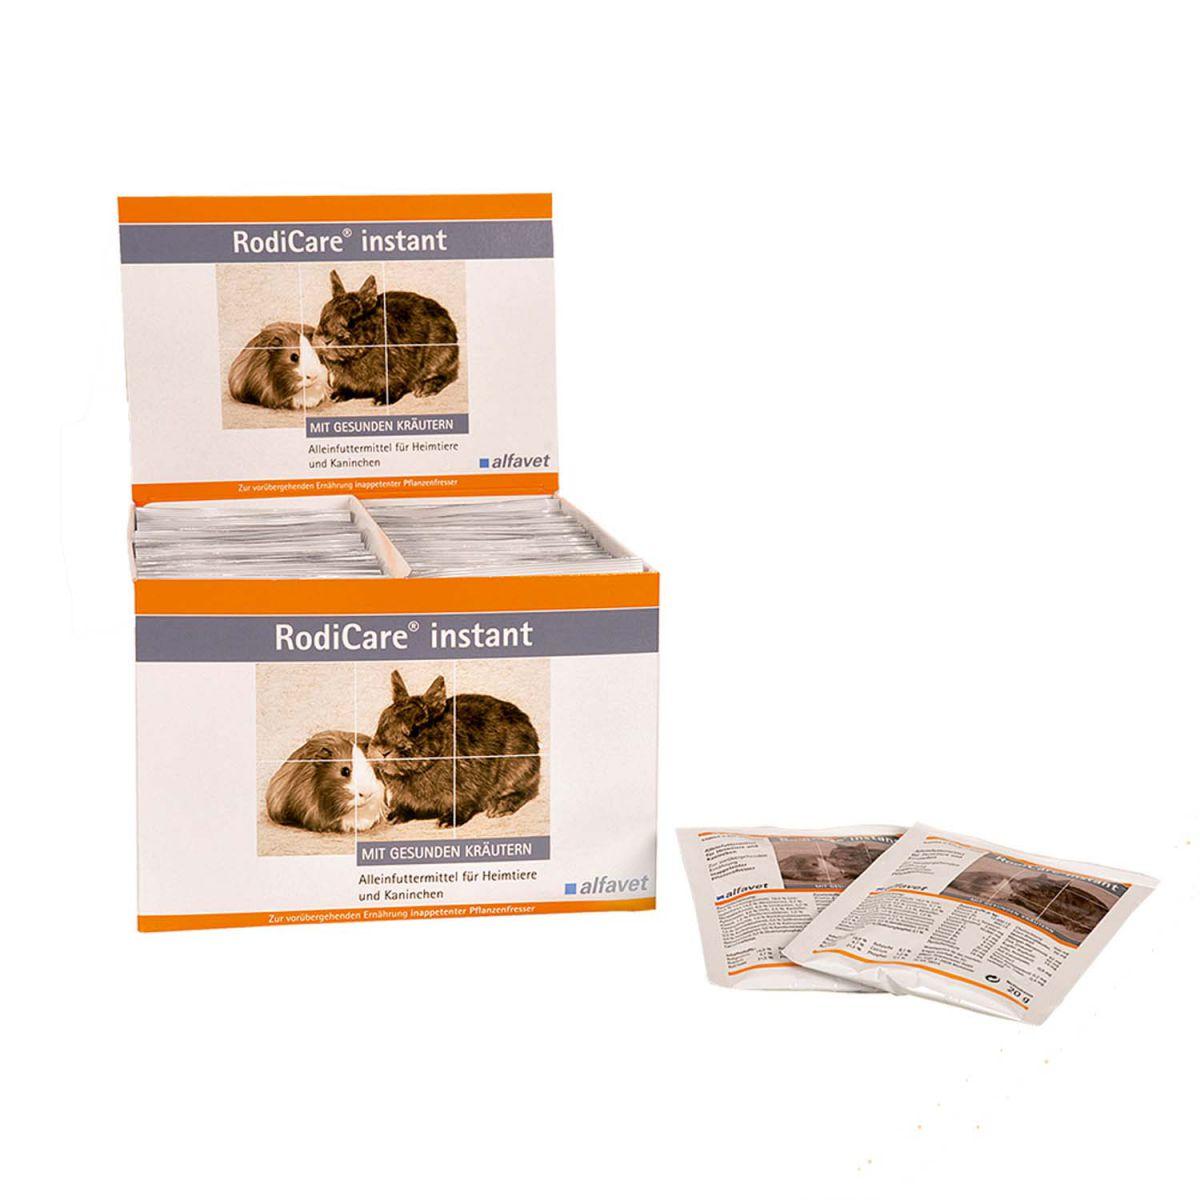 RodiCare® instant  - vitaminok és ásványi anyagok rágcsálóknak, madaraknak és hüllőknek